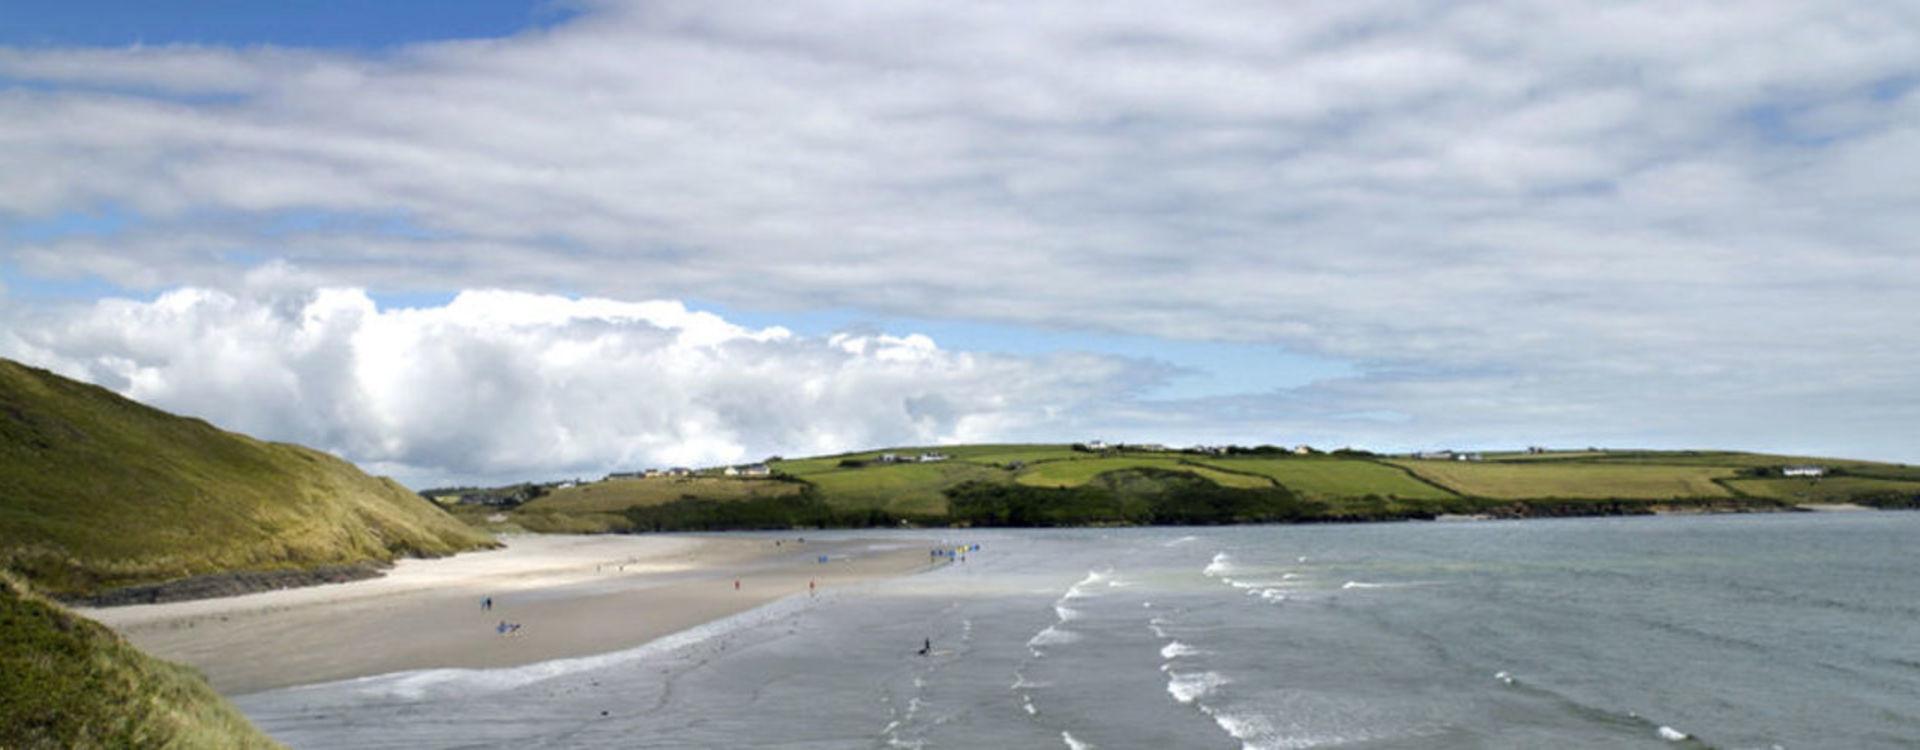 Dreitägige Tour durch Irlands Westen